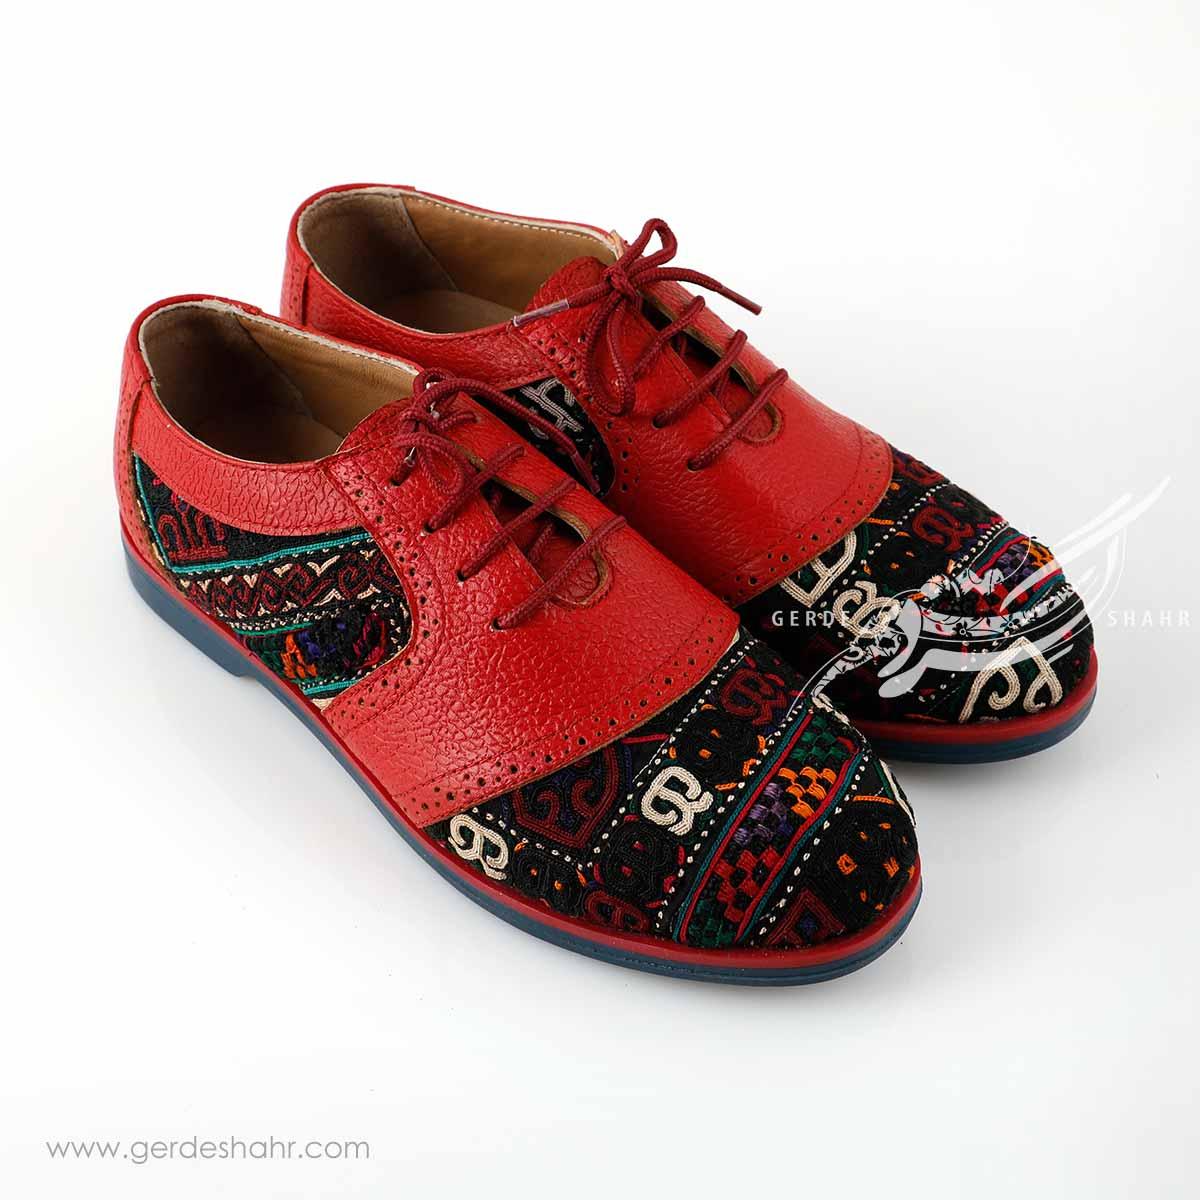 کفش چرمی دست دوز سوزندوزی قرمز سایز 38 چاوان گنجه رخت